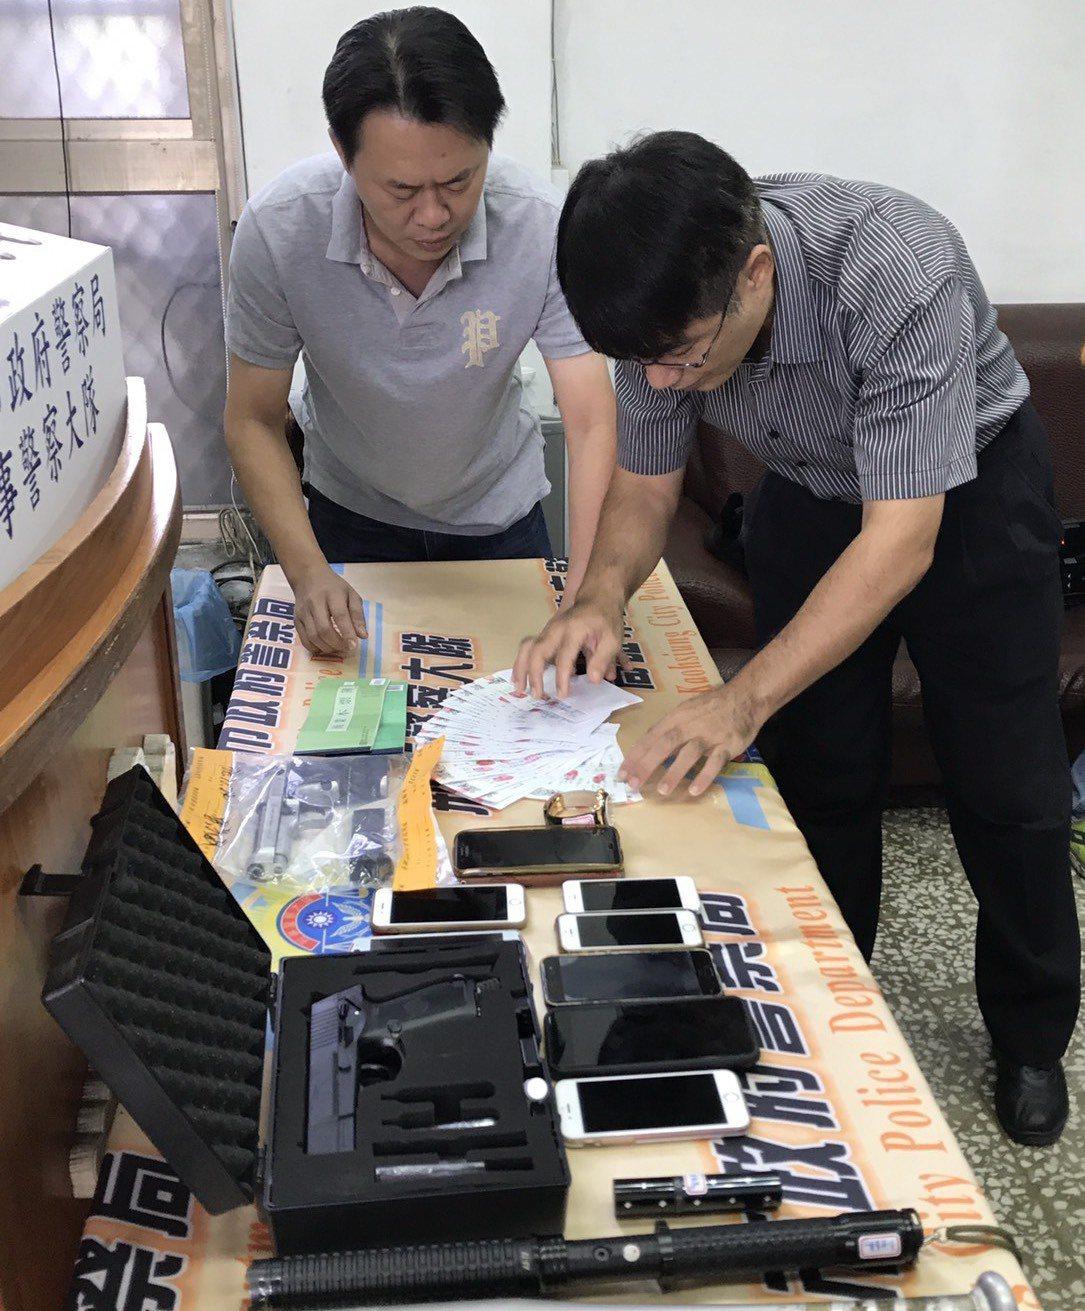 警方查扣棍棒、改造槍枝等物品。記者劉星君/翻攝